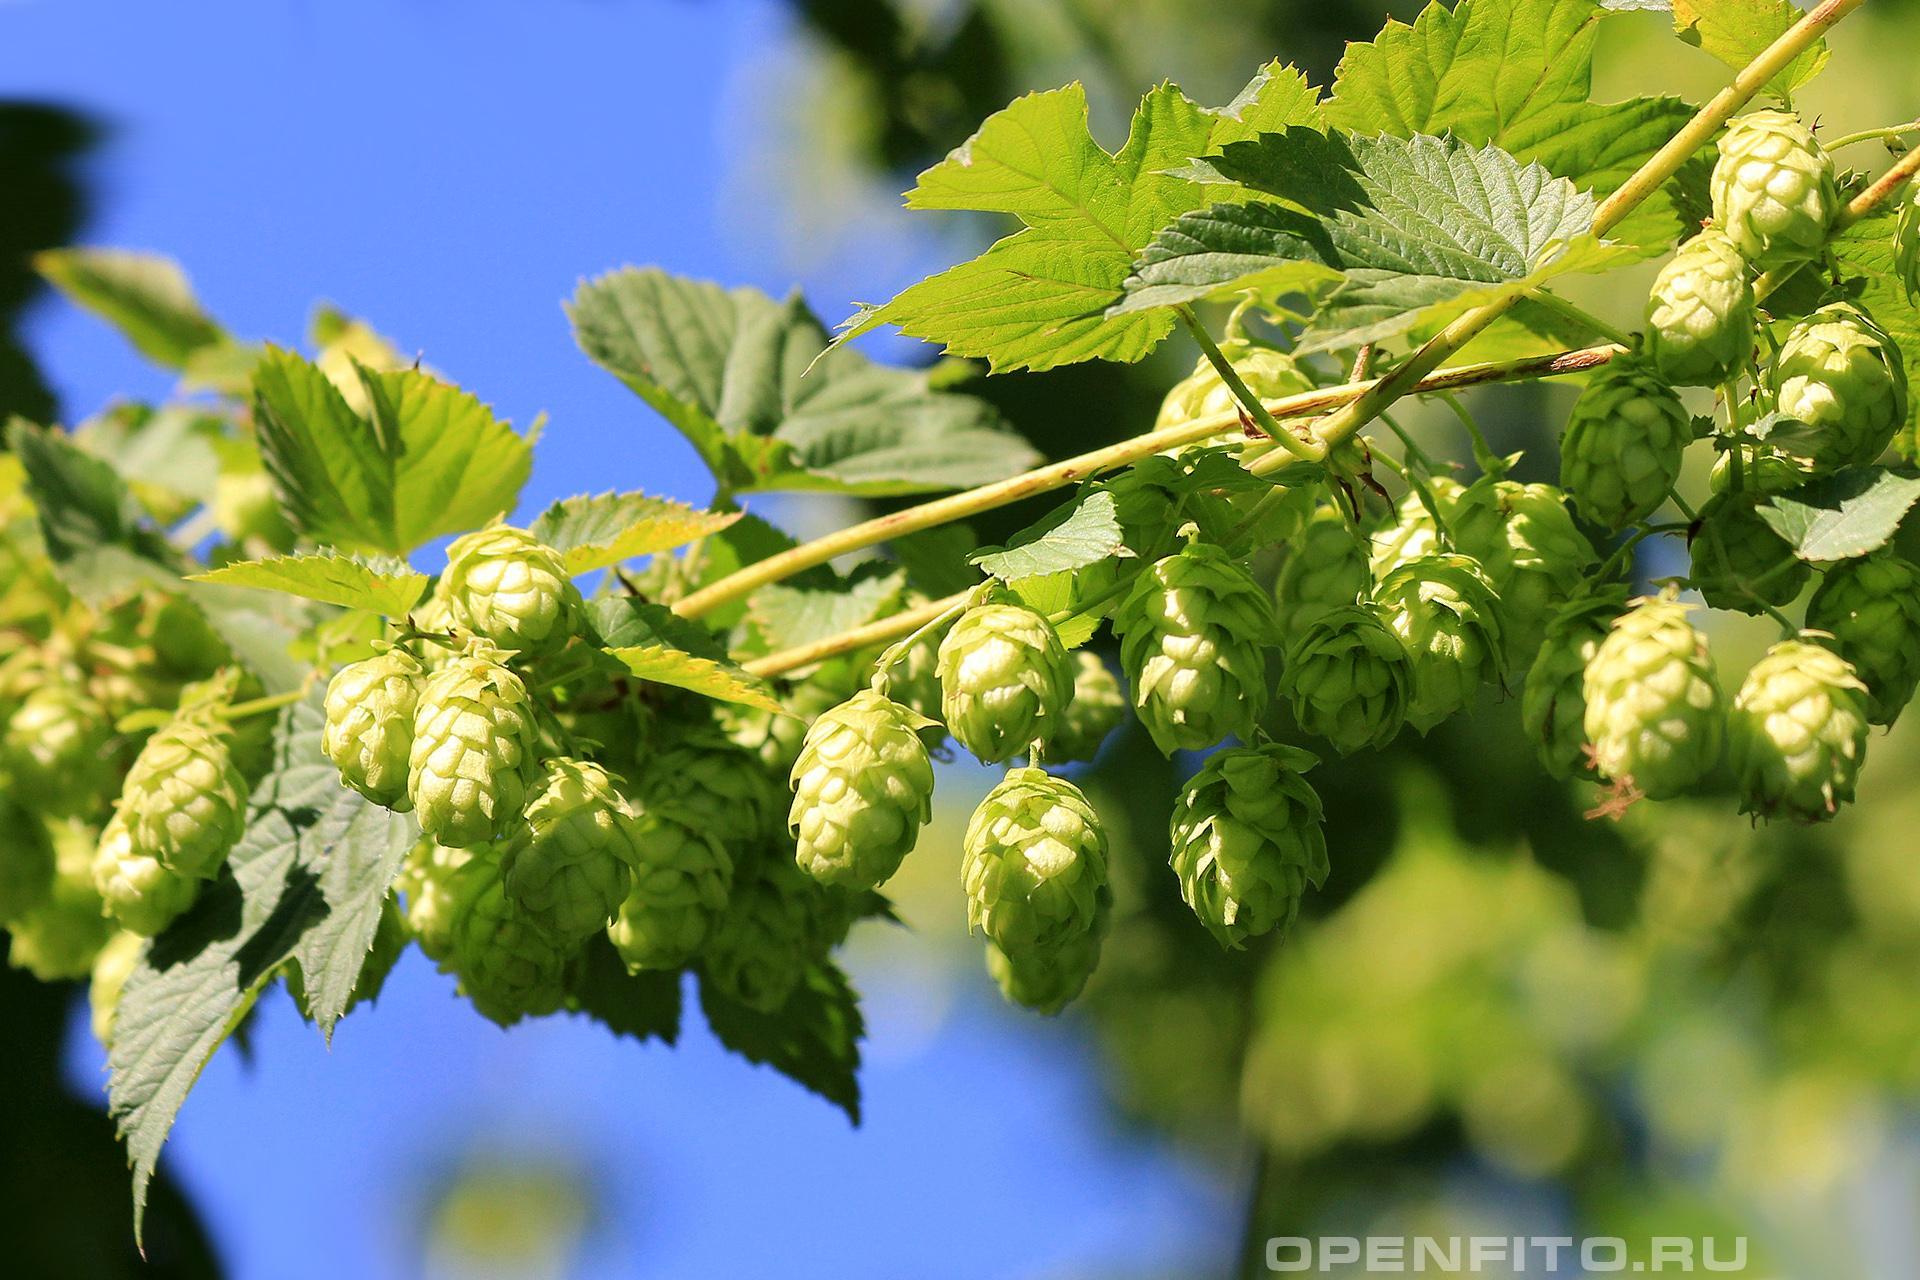 Хмель обыкновенный <p>зеленые соплодияхмеля</p>